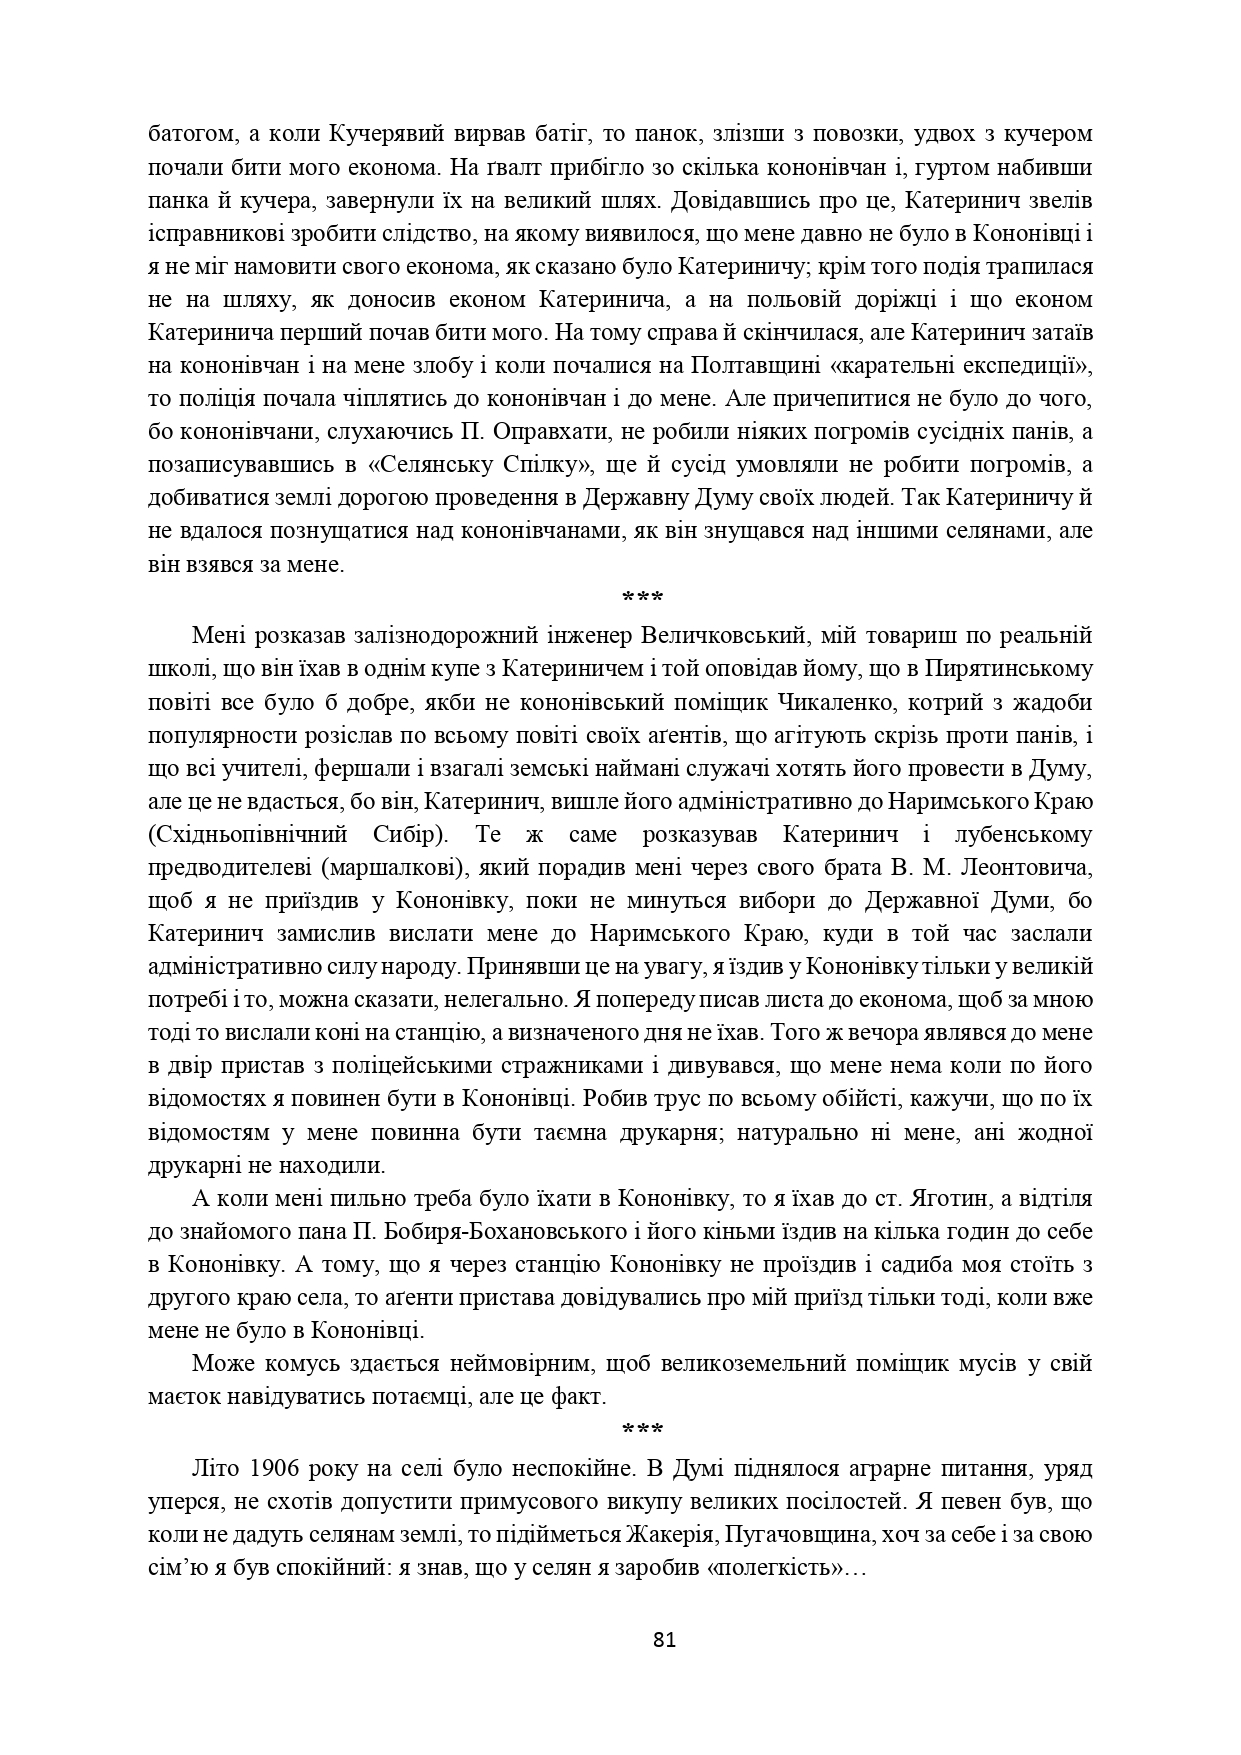 ІСТОРІЯ СЕЛА КОНОНІВКА 2021 (1)_page-0081